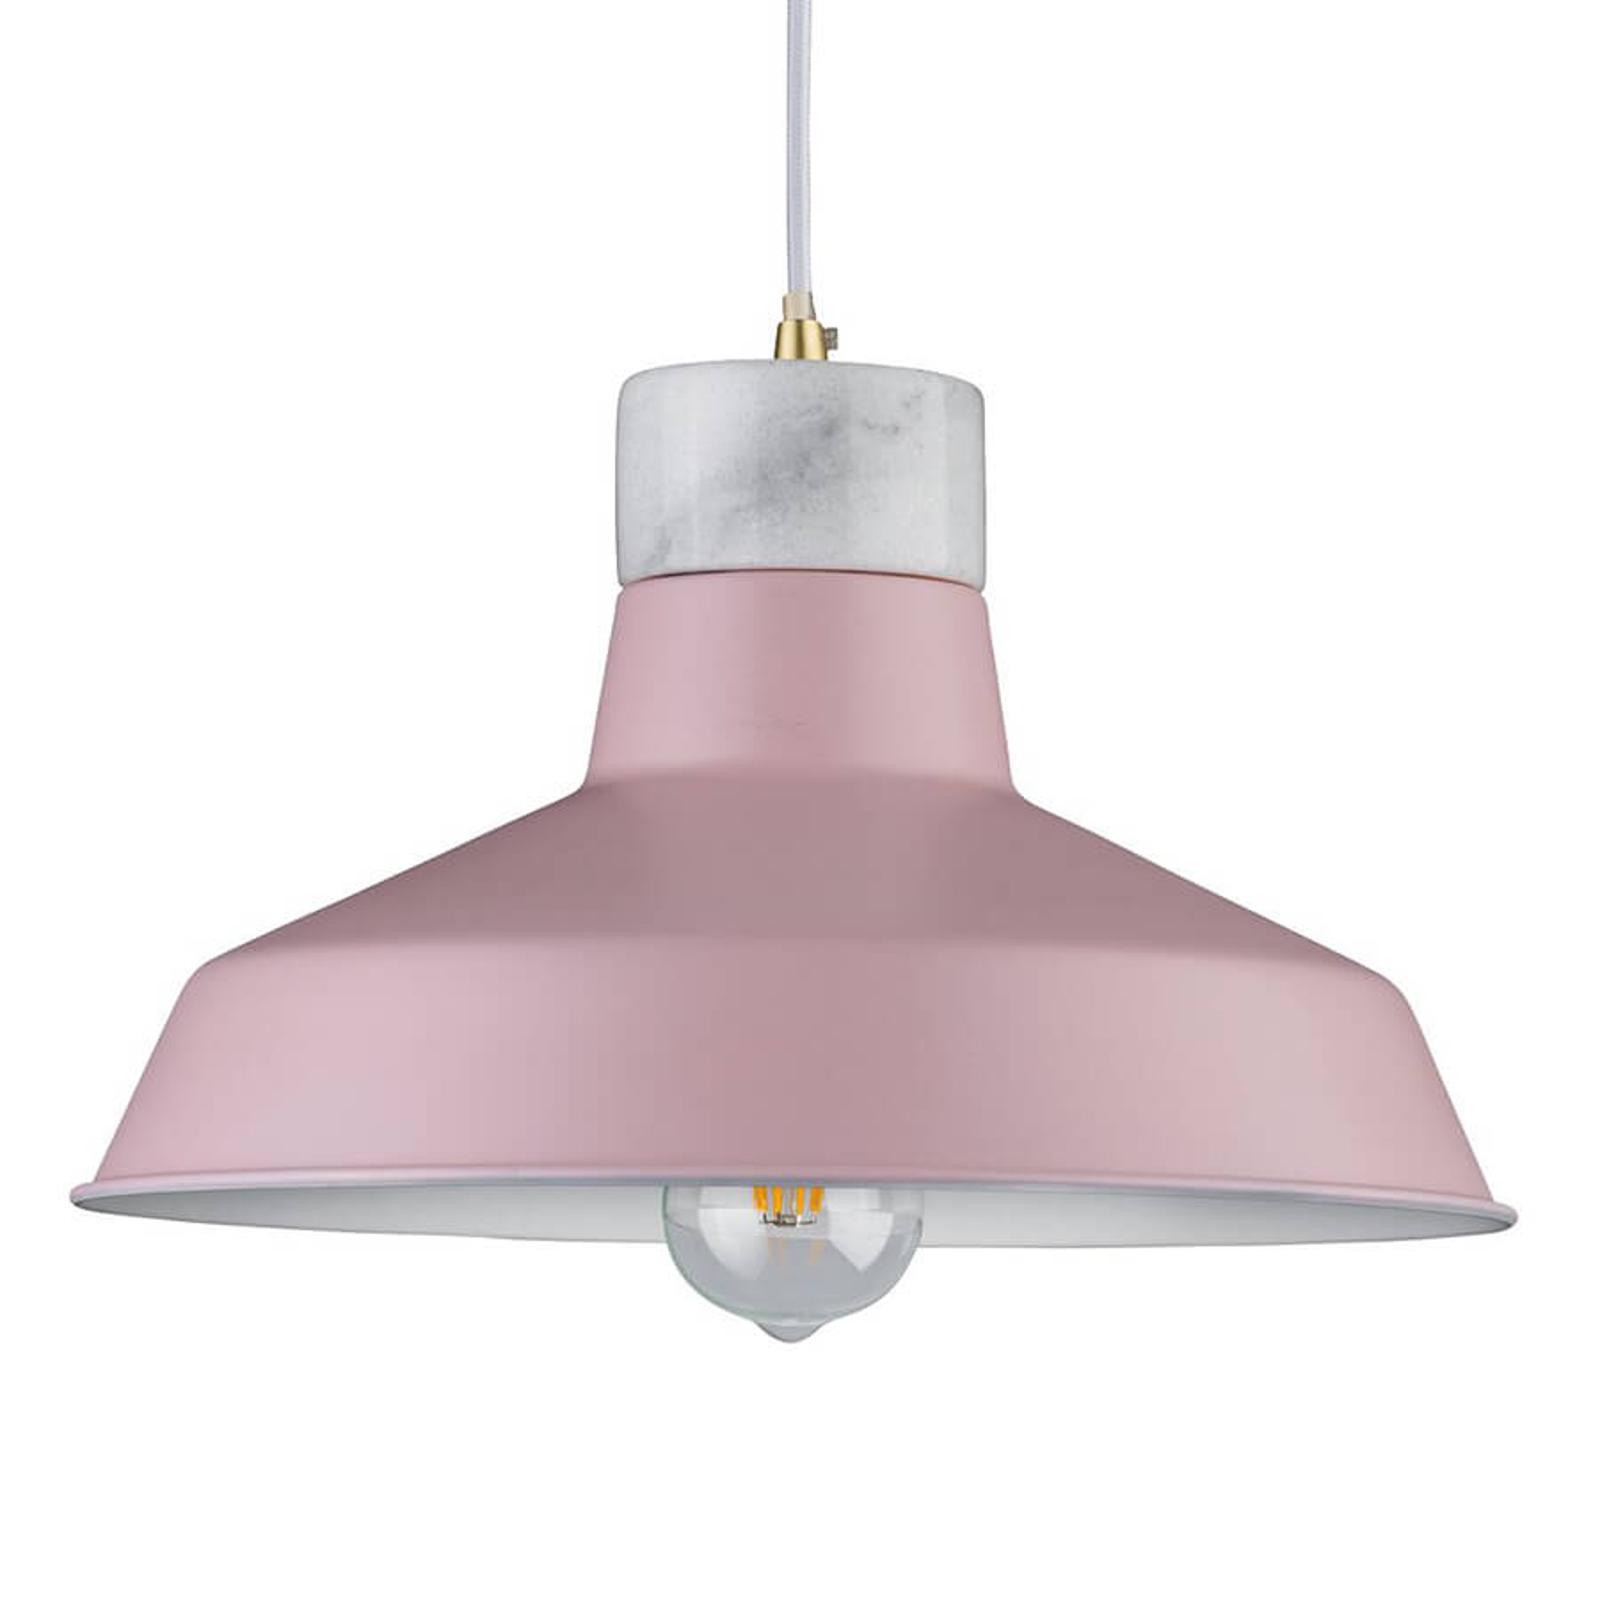 Paulmann Disa závěsné světlo v jemné růžové